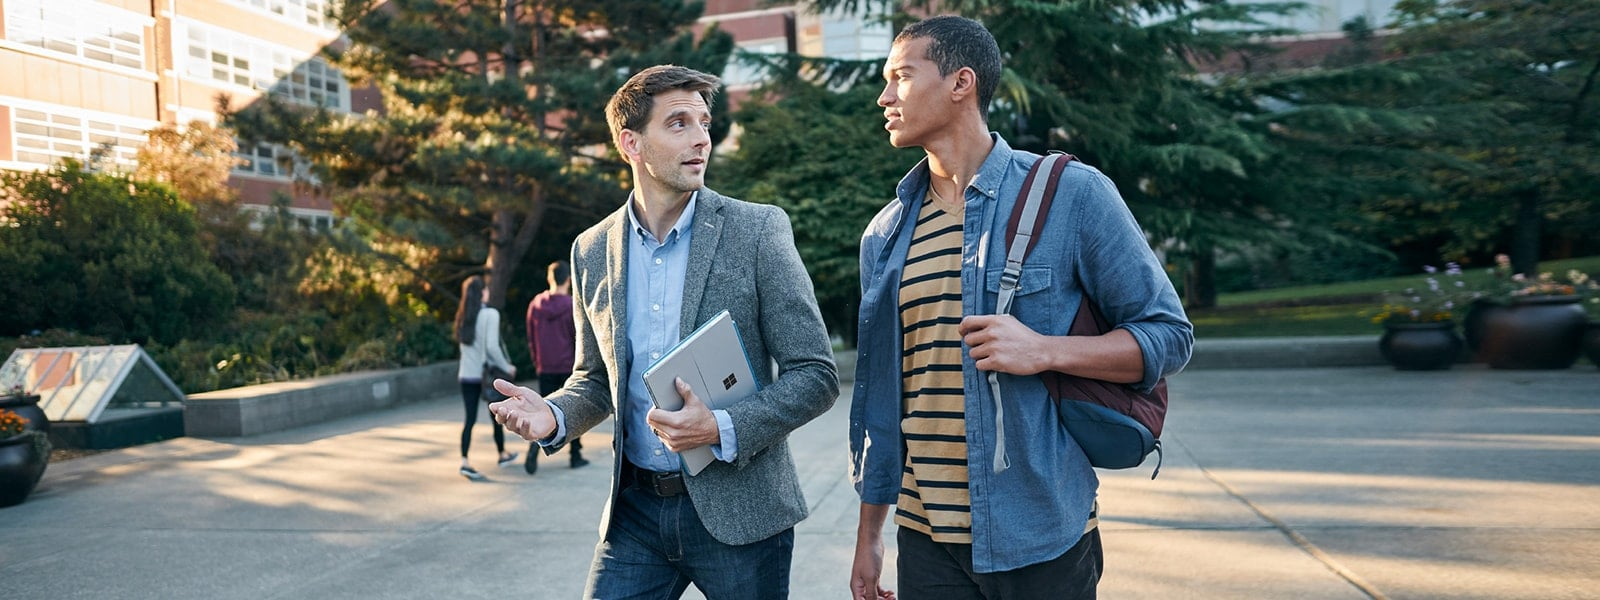 Insegnante e studente con dispositivi Microsoft